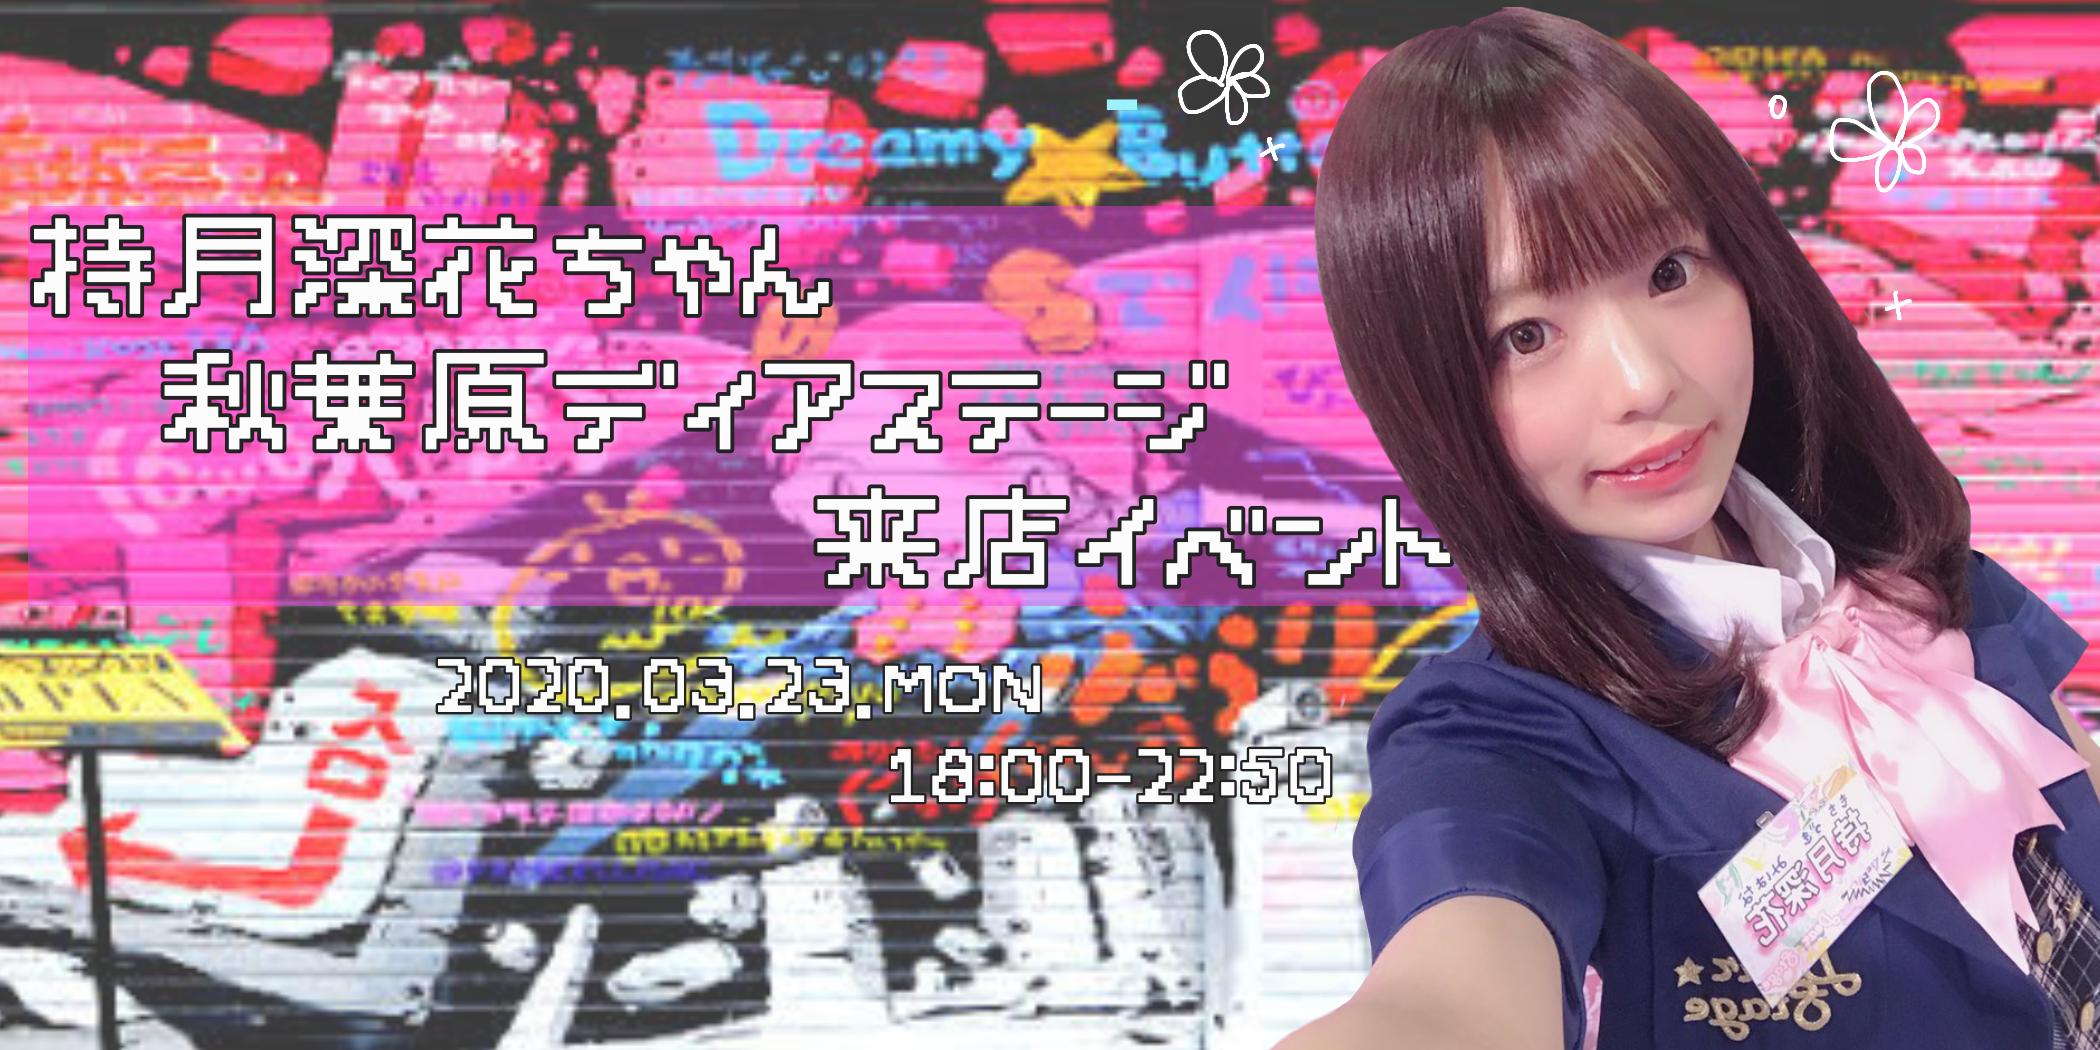 名古屋ディアステージキャスト 持月深花ちゃん緊急来店イベント!